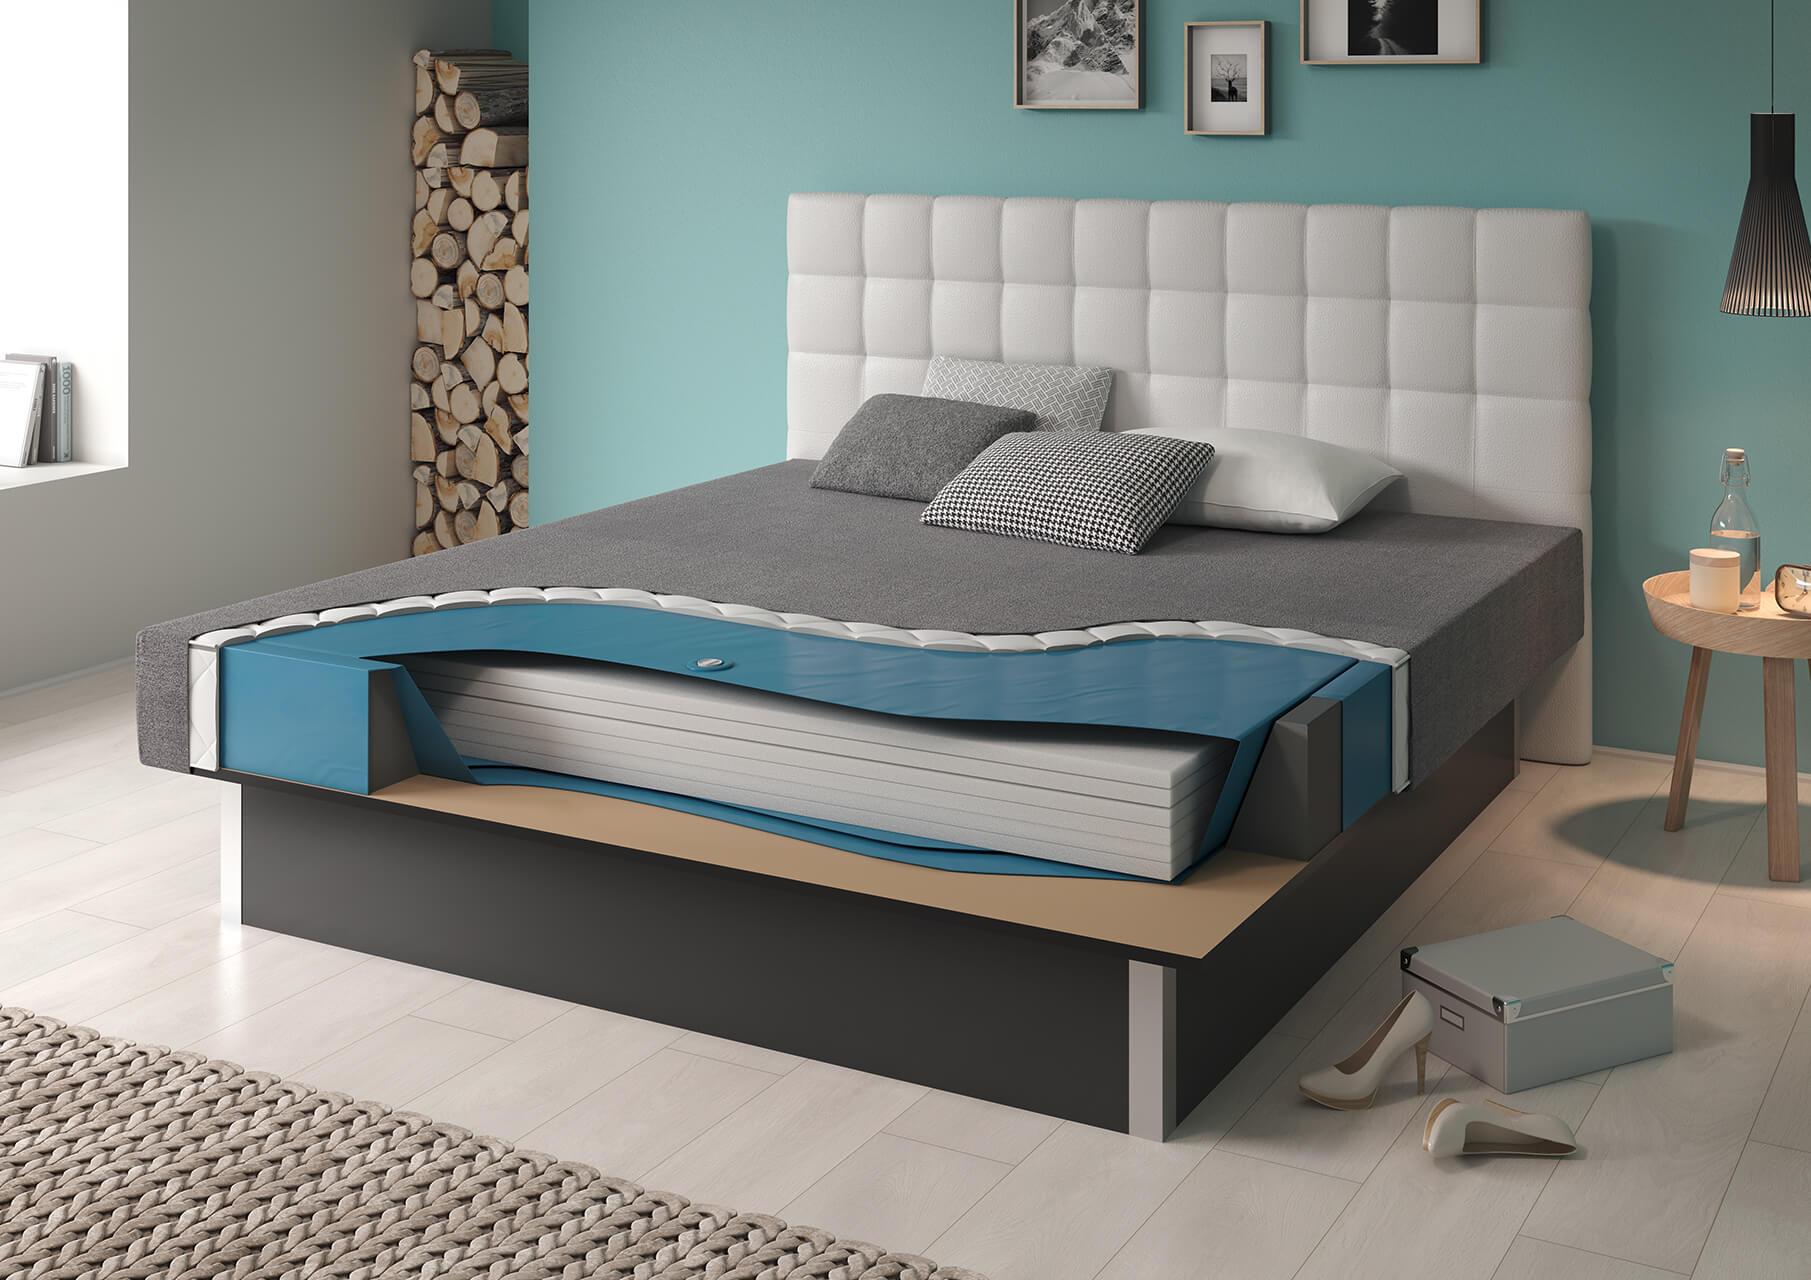 Full Size of Wasserbett Blue Mono 1 Wasserkern Heizung Freistehend Oder Bett 140x200 Mit Bettkasten Wasser 160x200 Komplett Amerikanische Betten Ruf Altes Gepolstertem Bett Wasser Bett